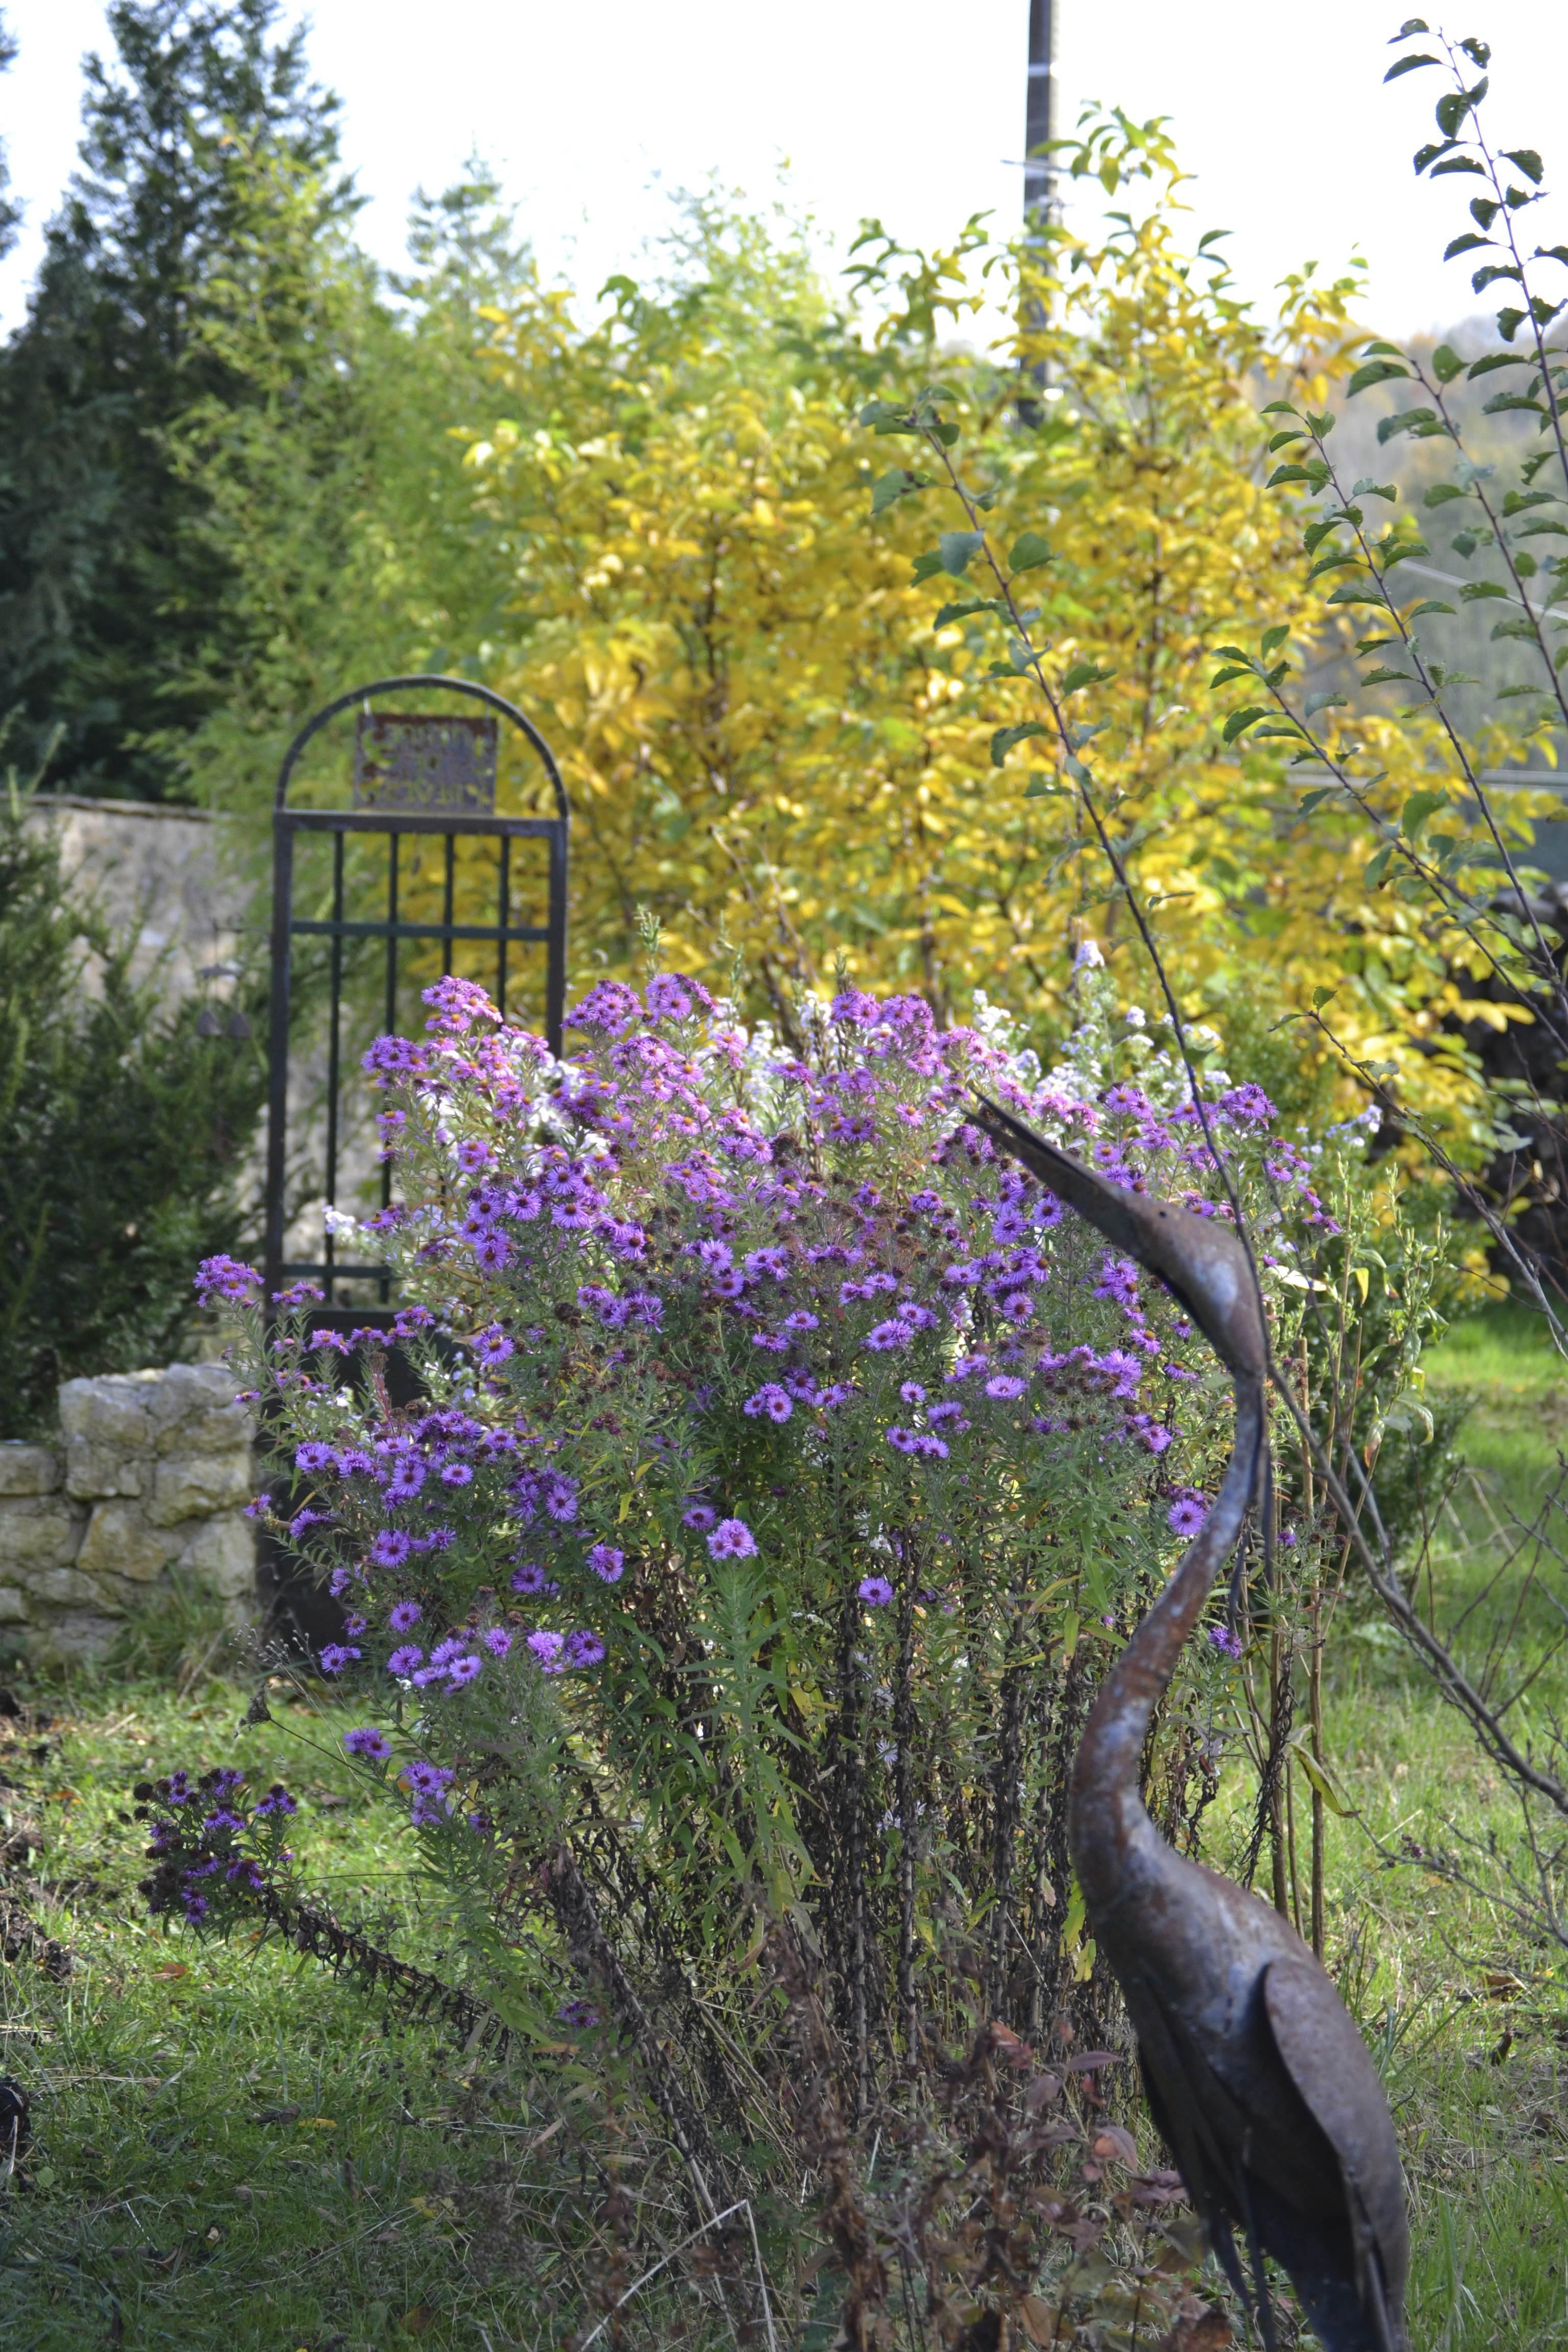 Mur jean paul h les jardins de no les jardins de no Jardin entretien jean paul traineau